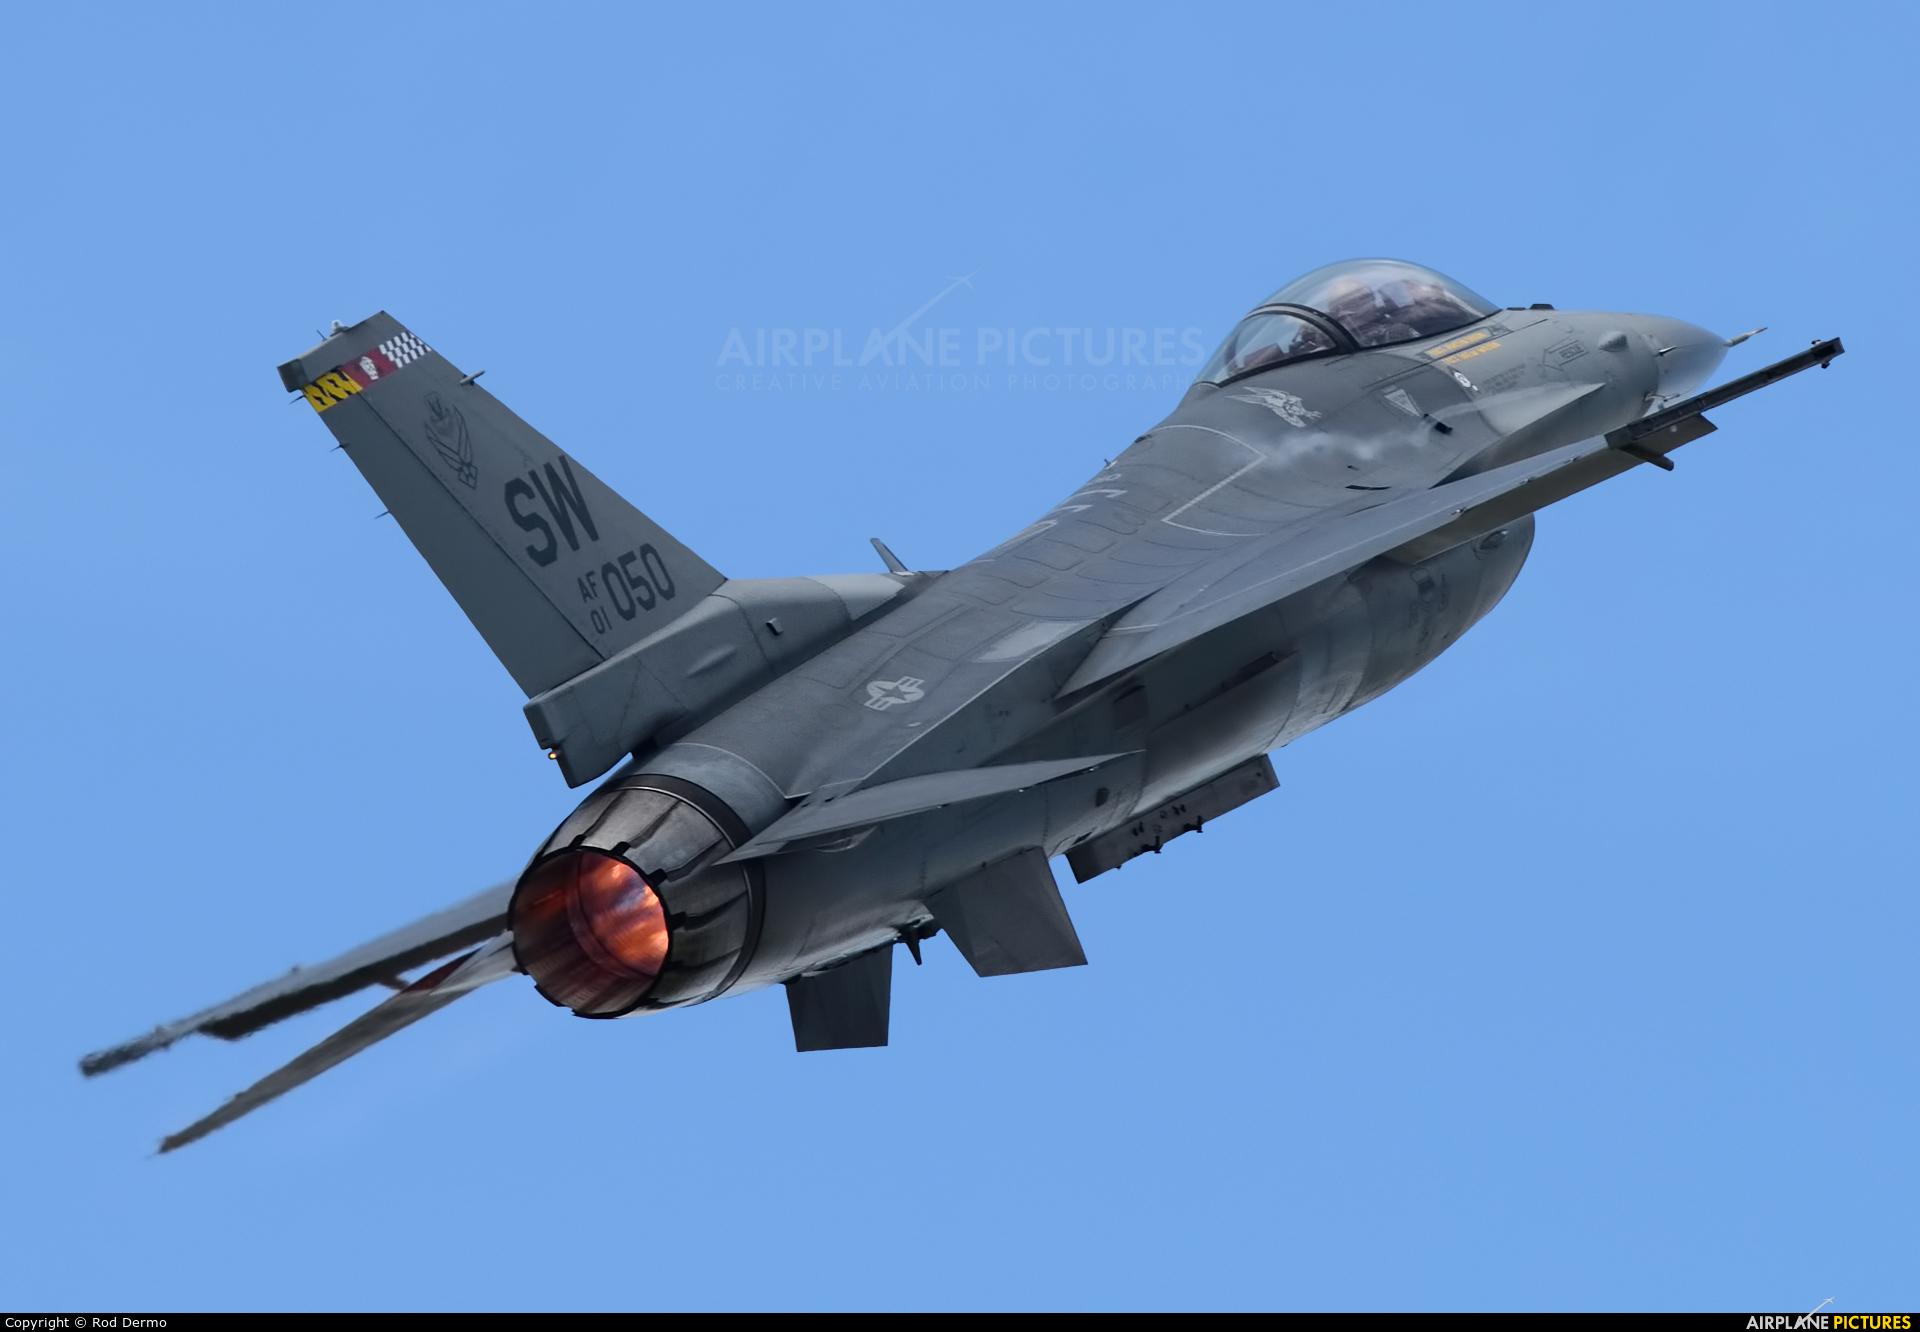 USA - Air Force 01-7050 aircraft at Detroit - Willow Run